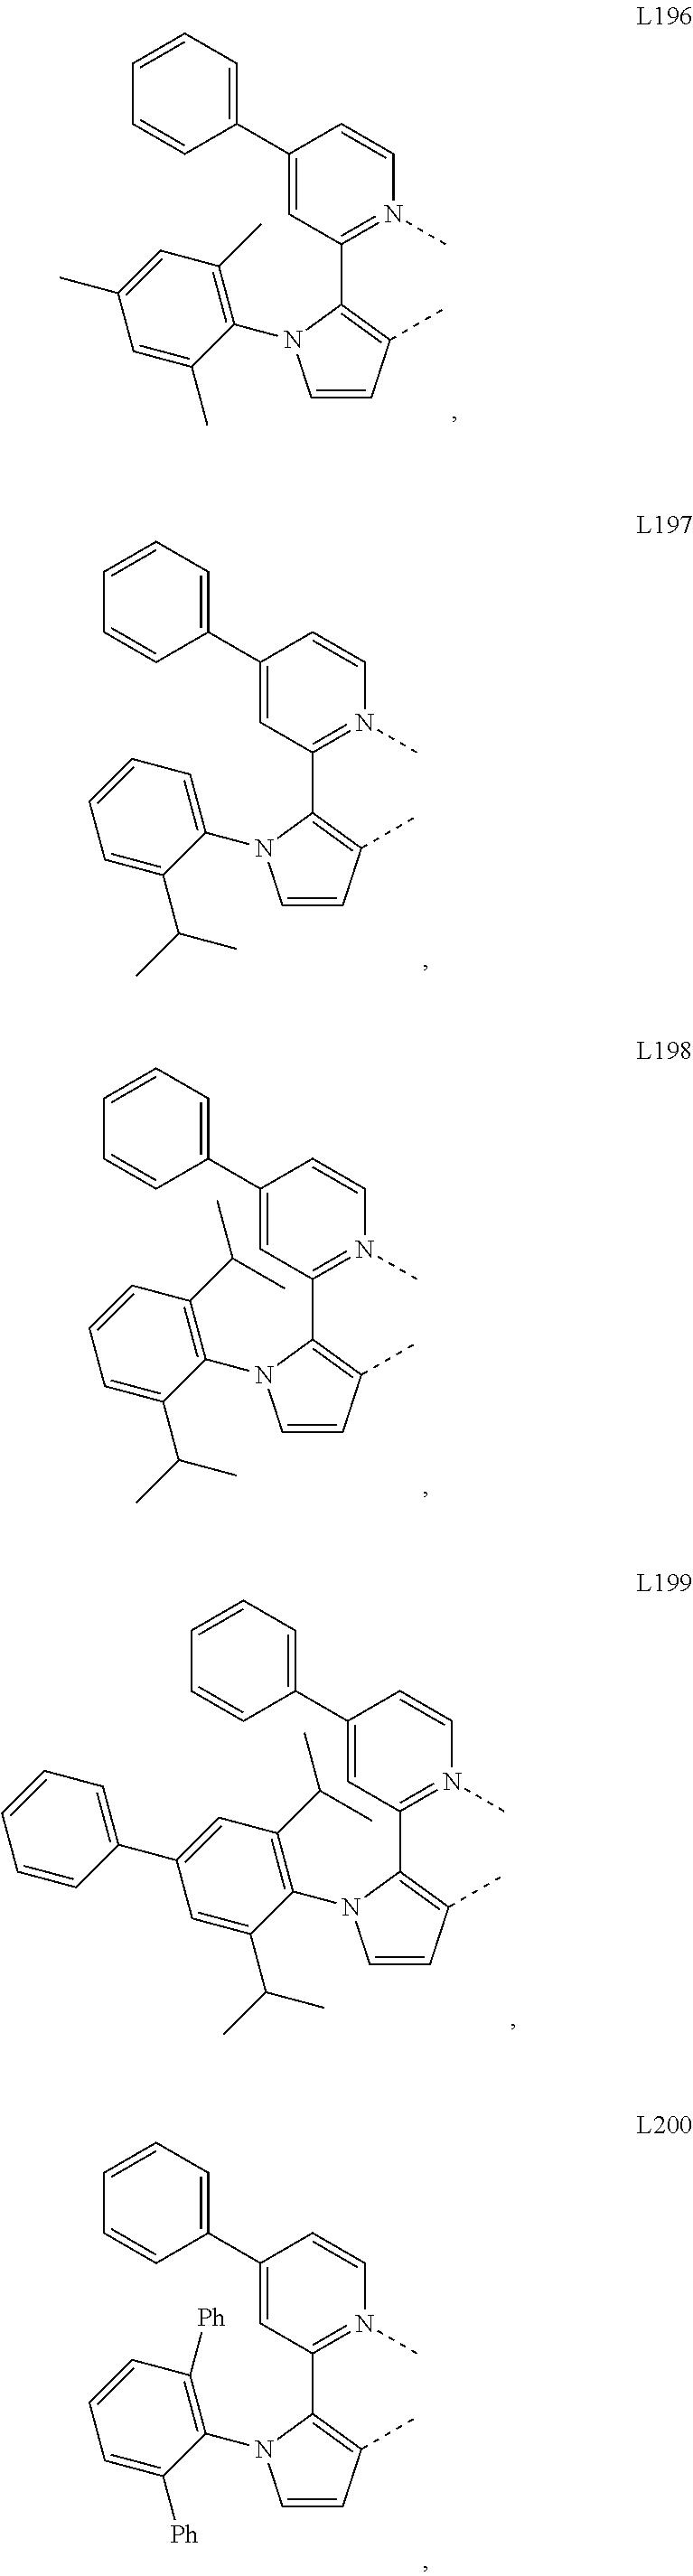 Figure US09935277-20180403-C00045